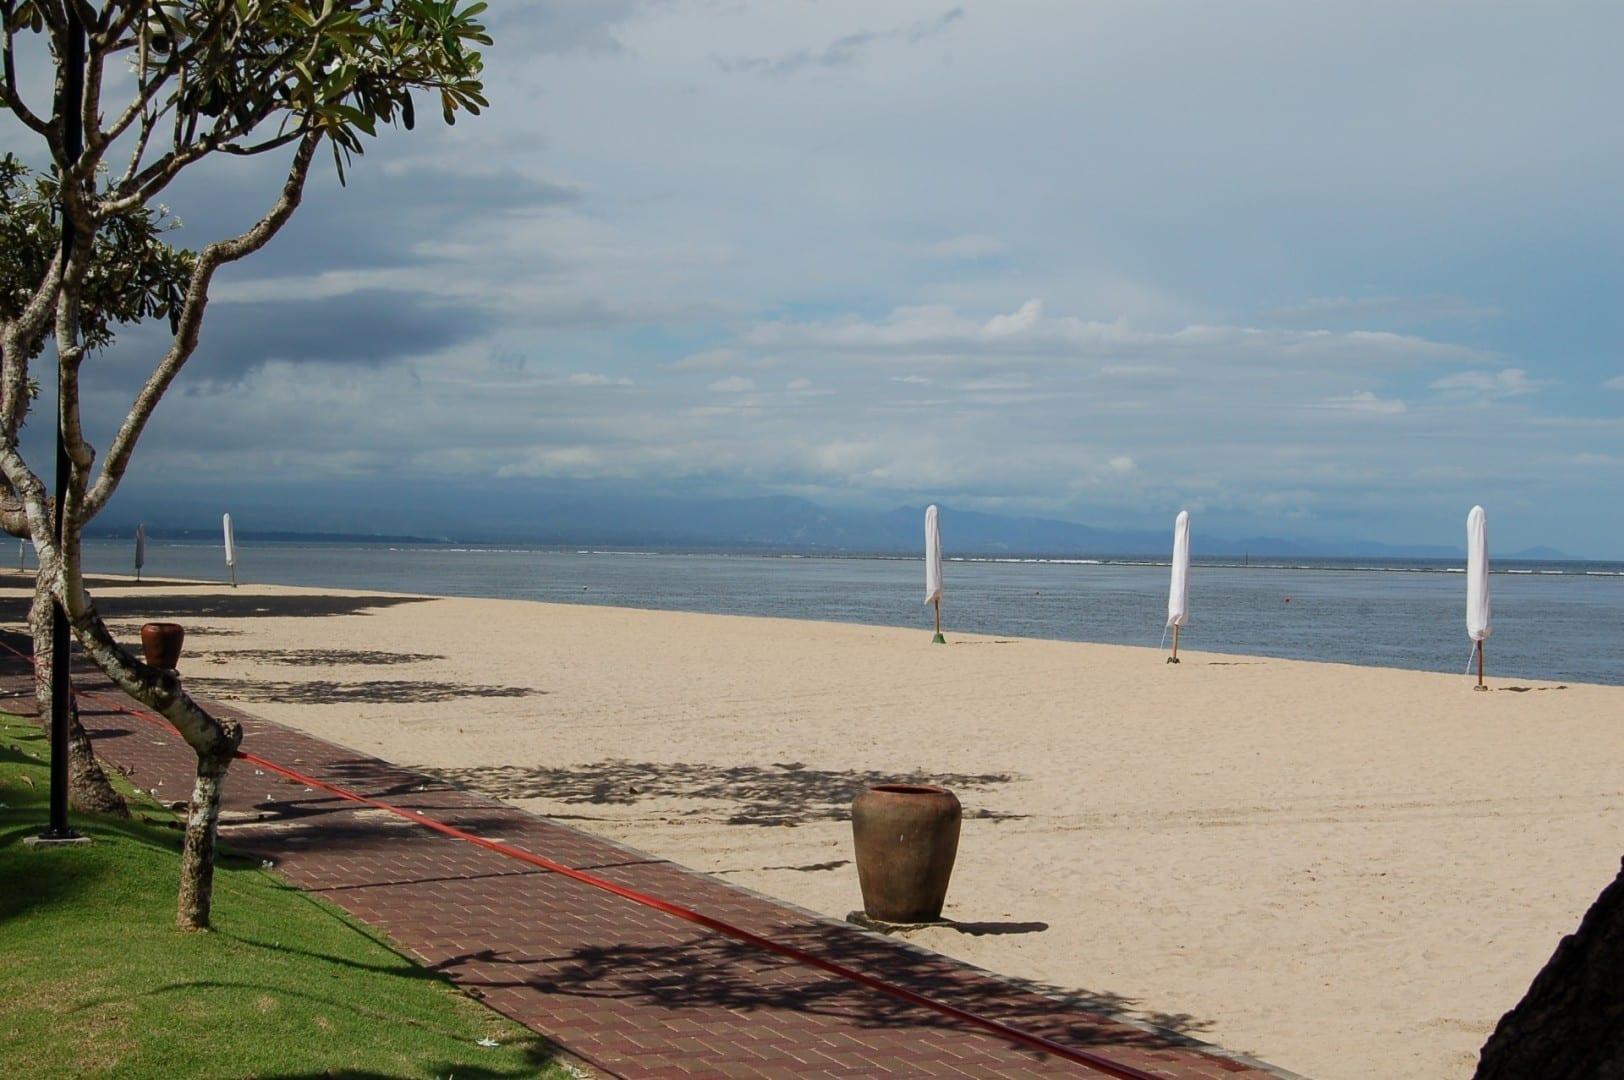 El camino pavimentado frente a la playa en el Sanur Hyatt, mirando al este Sanur, Bali Indonesia